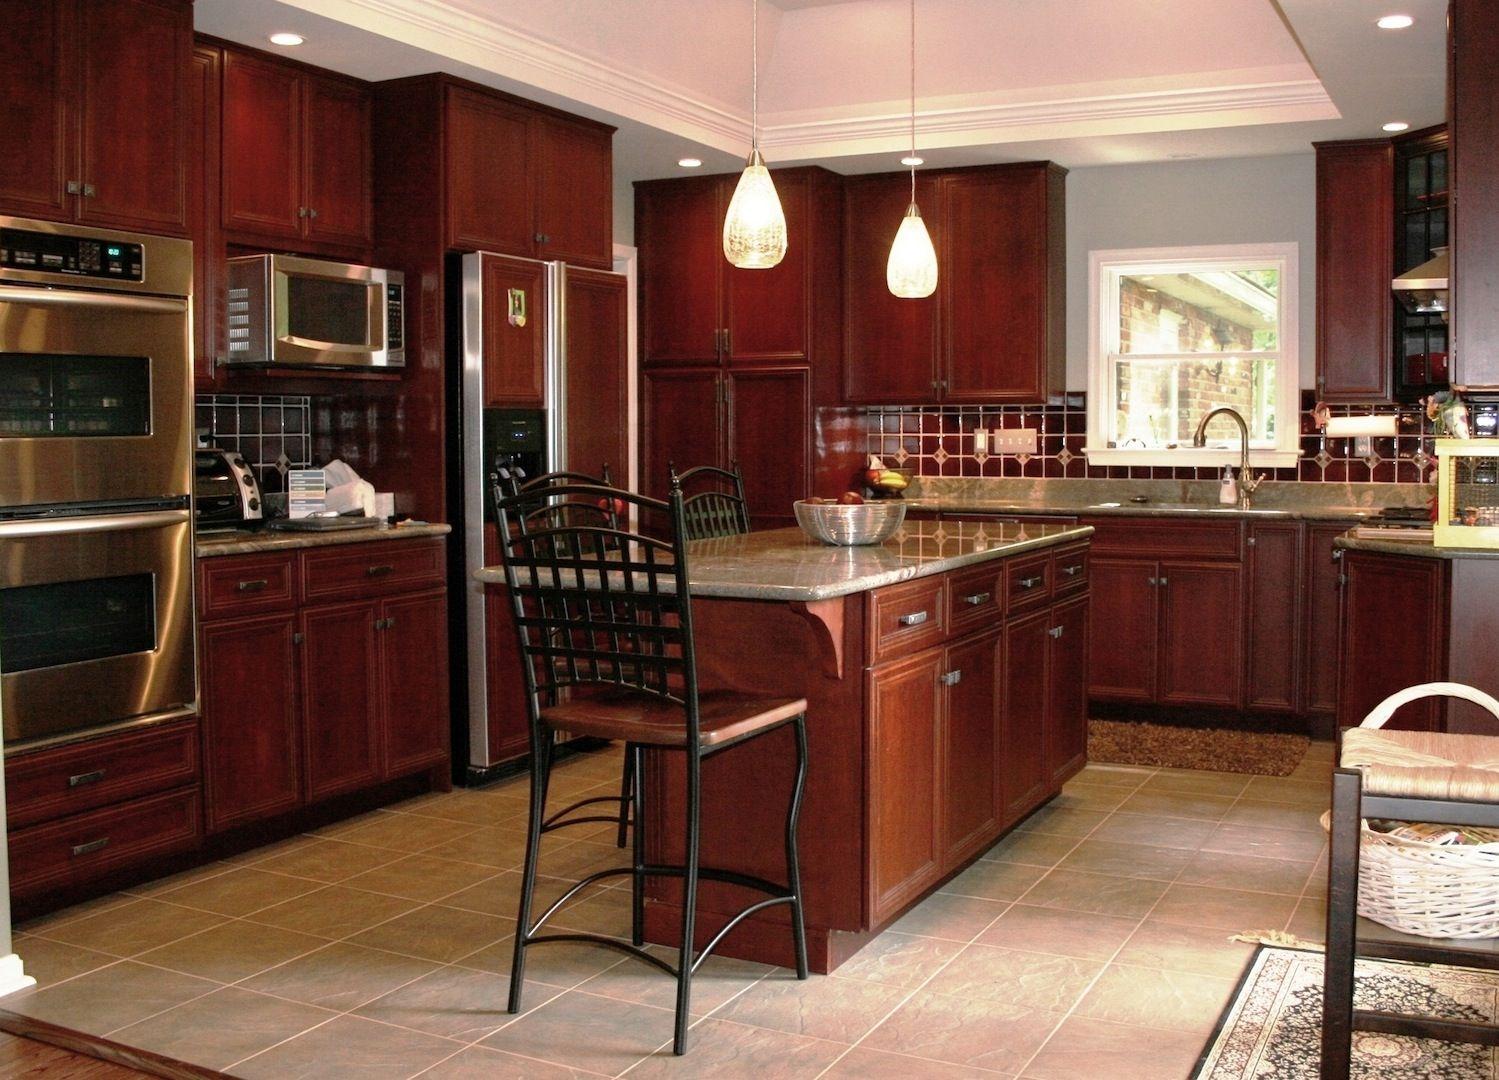 Completed kitchen remodeling project in Eldersburg, MD - Design Build Remodeling Group